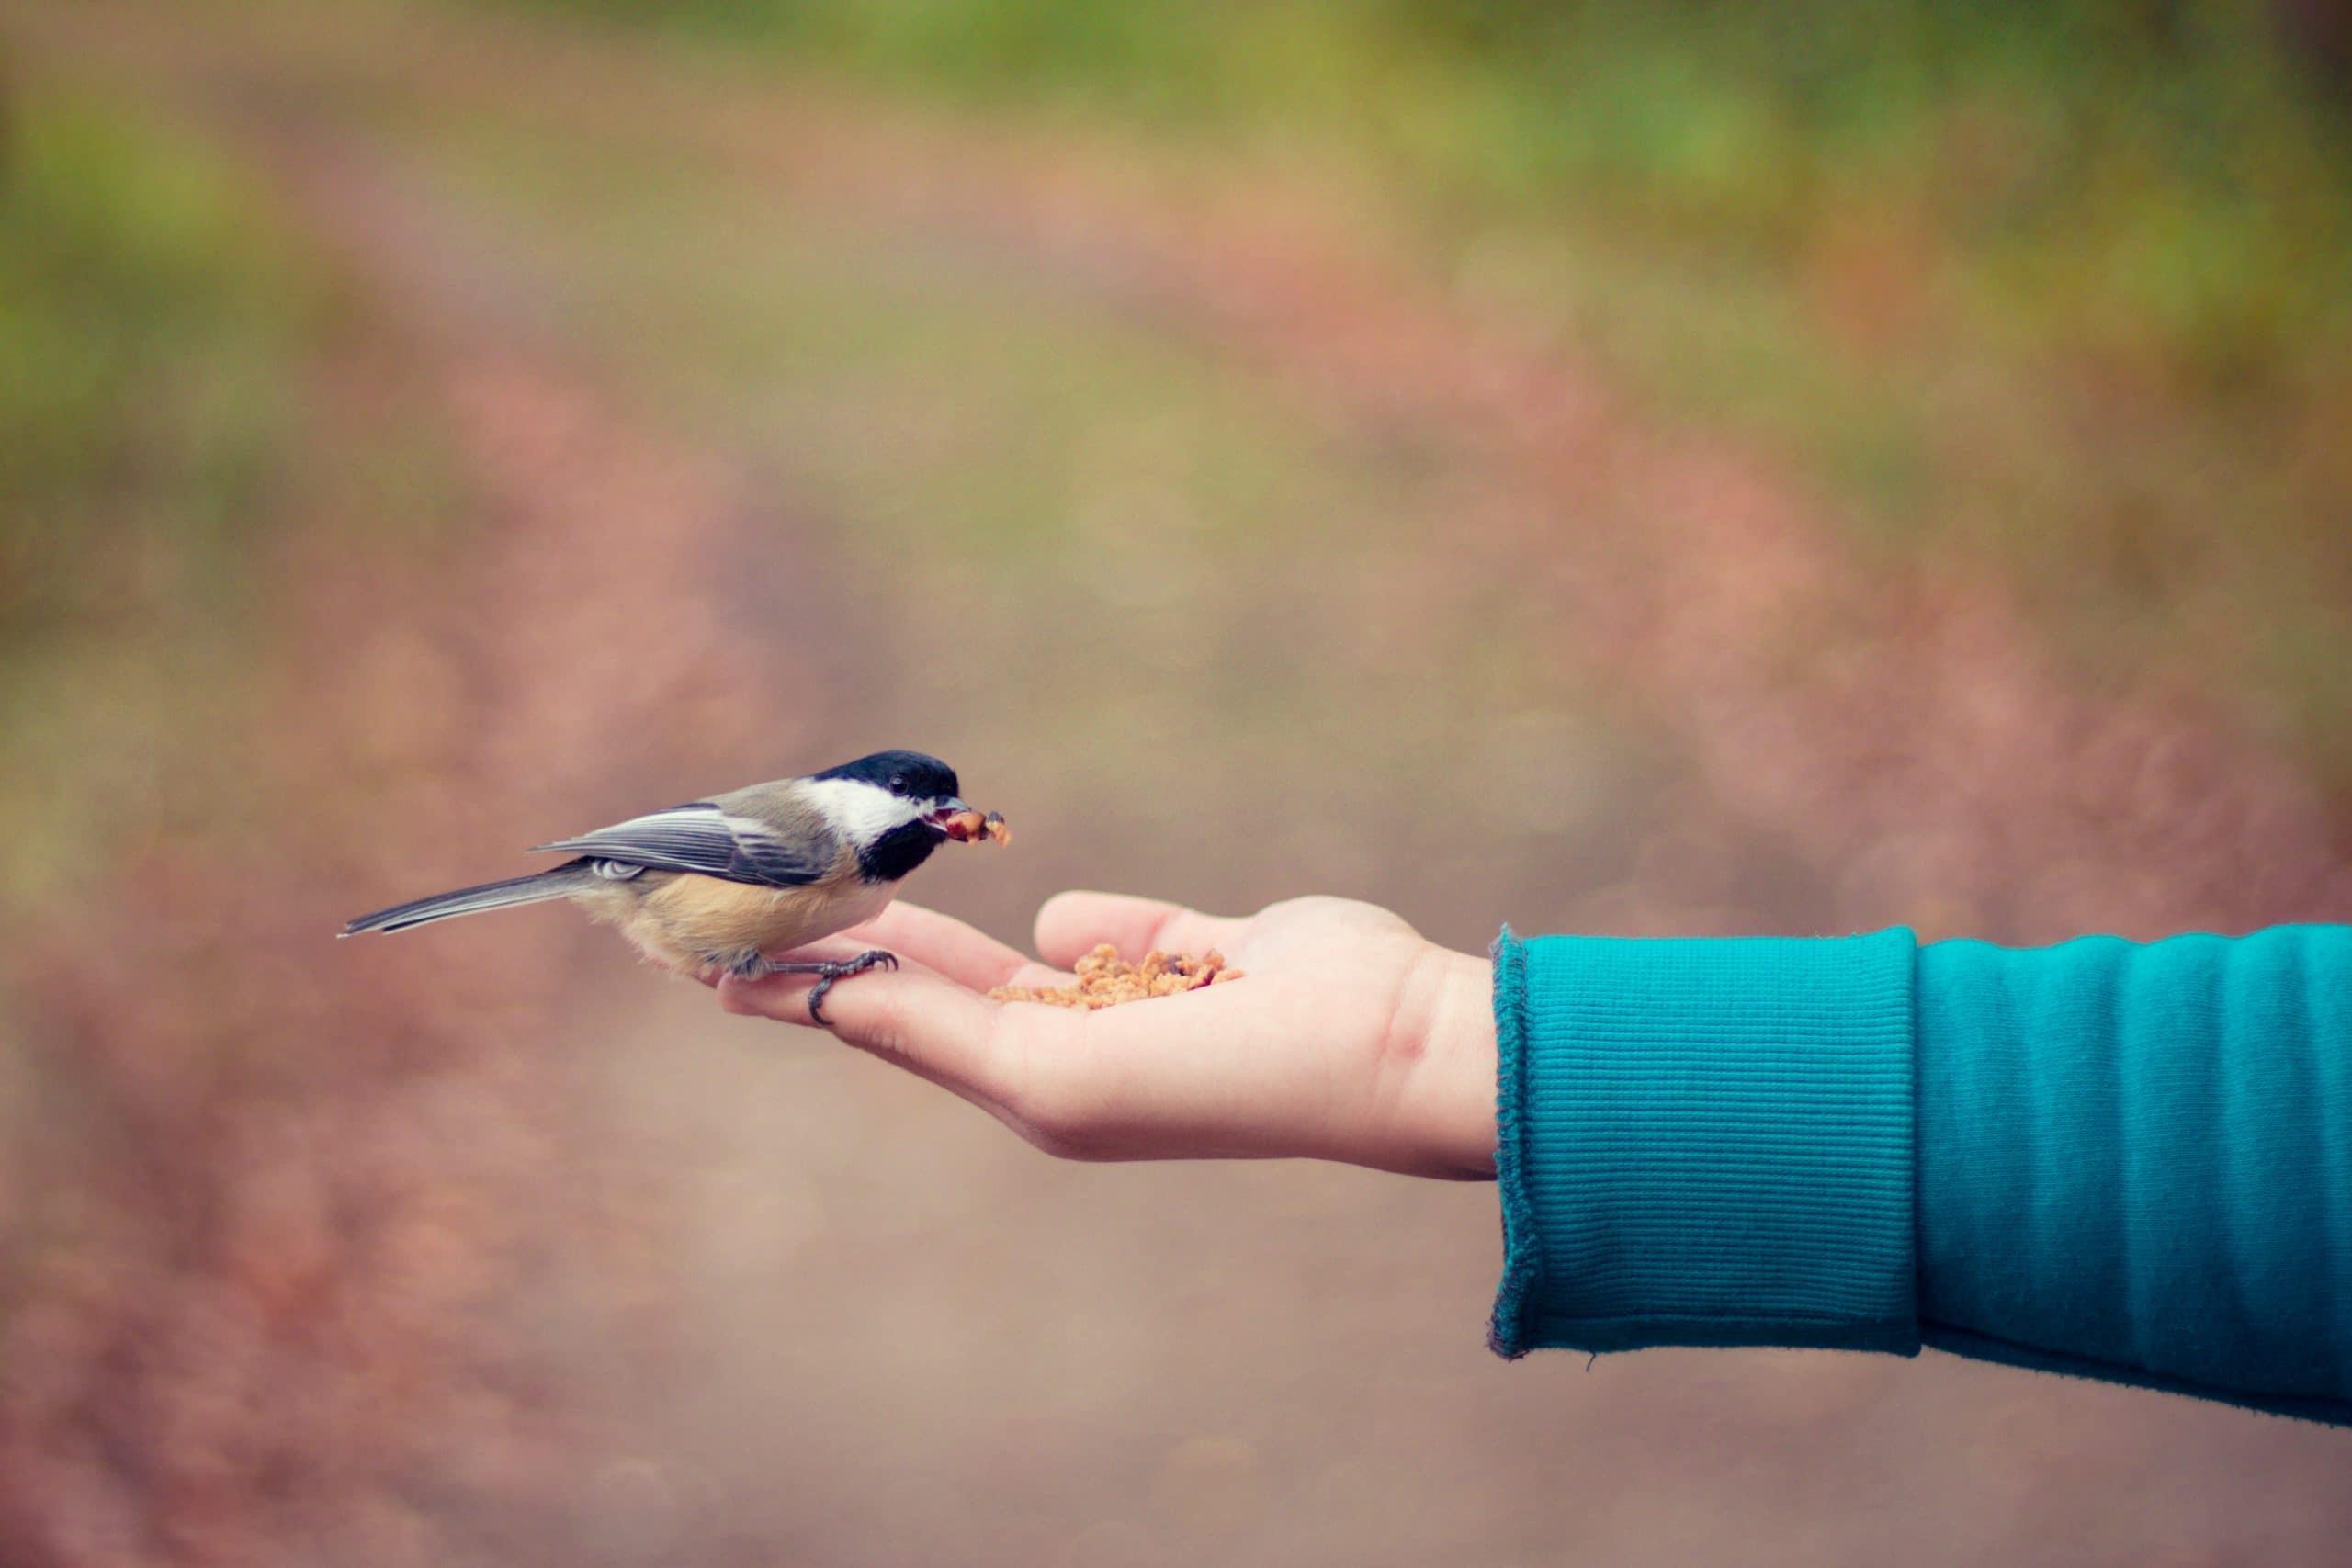 Mão estendida com comida e um pássaro bicando.